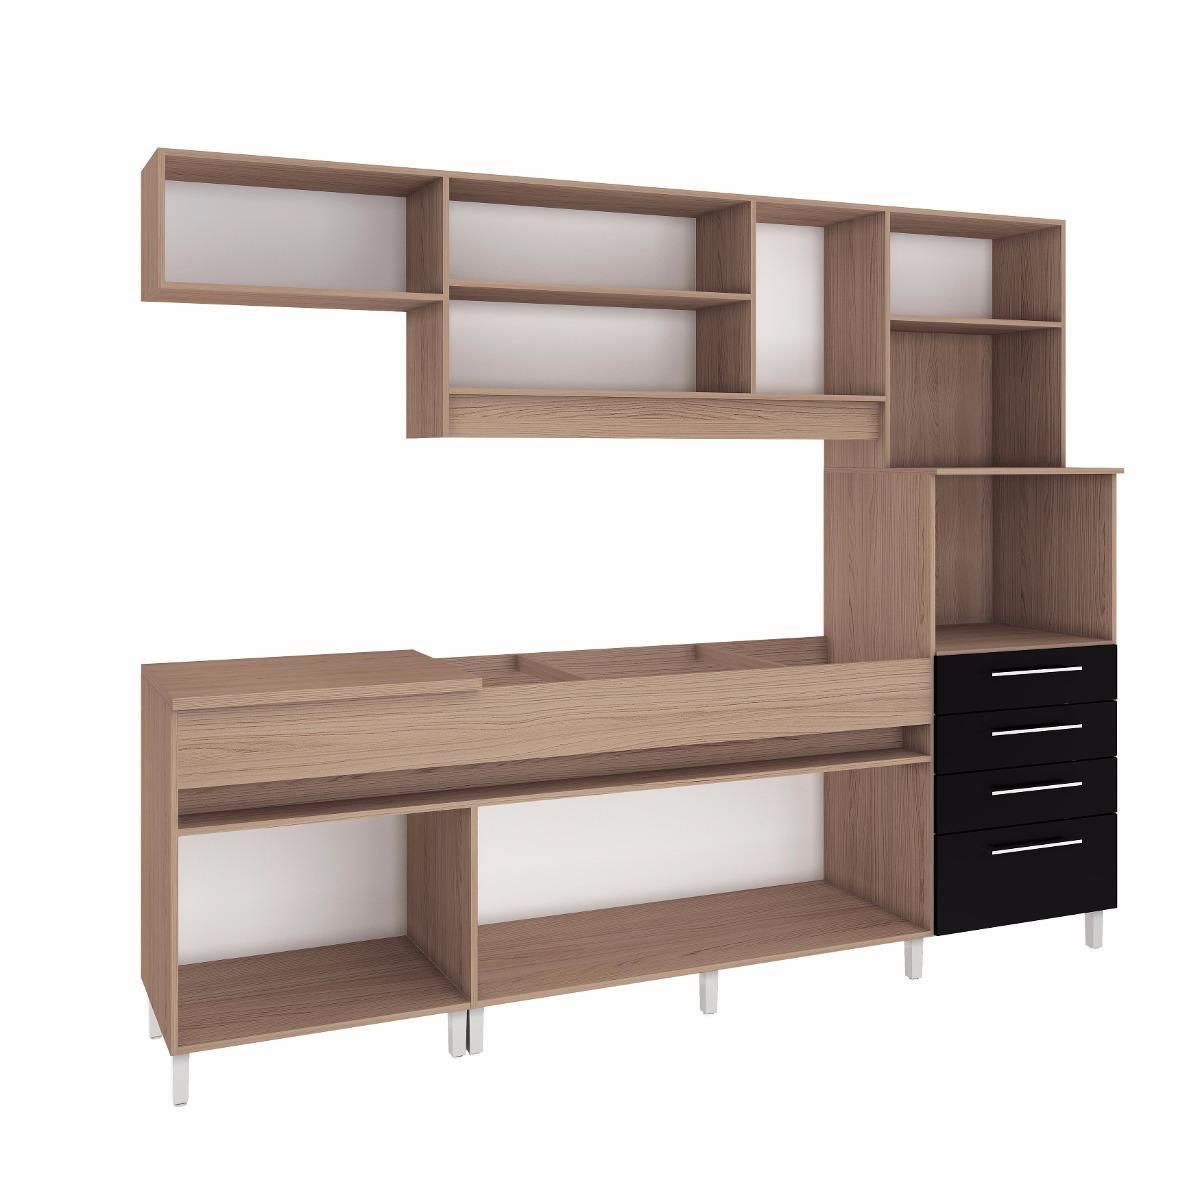 Mueble Para Cocina Despensero : Despensero melamina clasf mueble alacena cocina